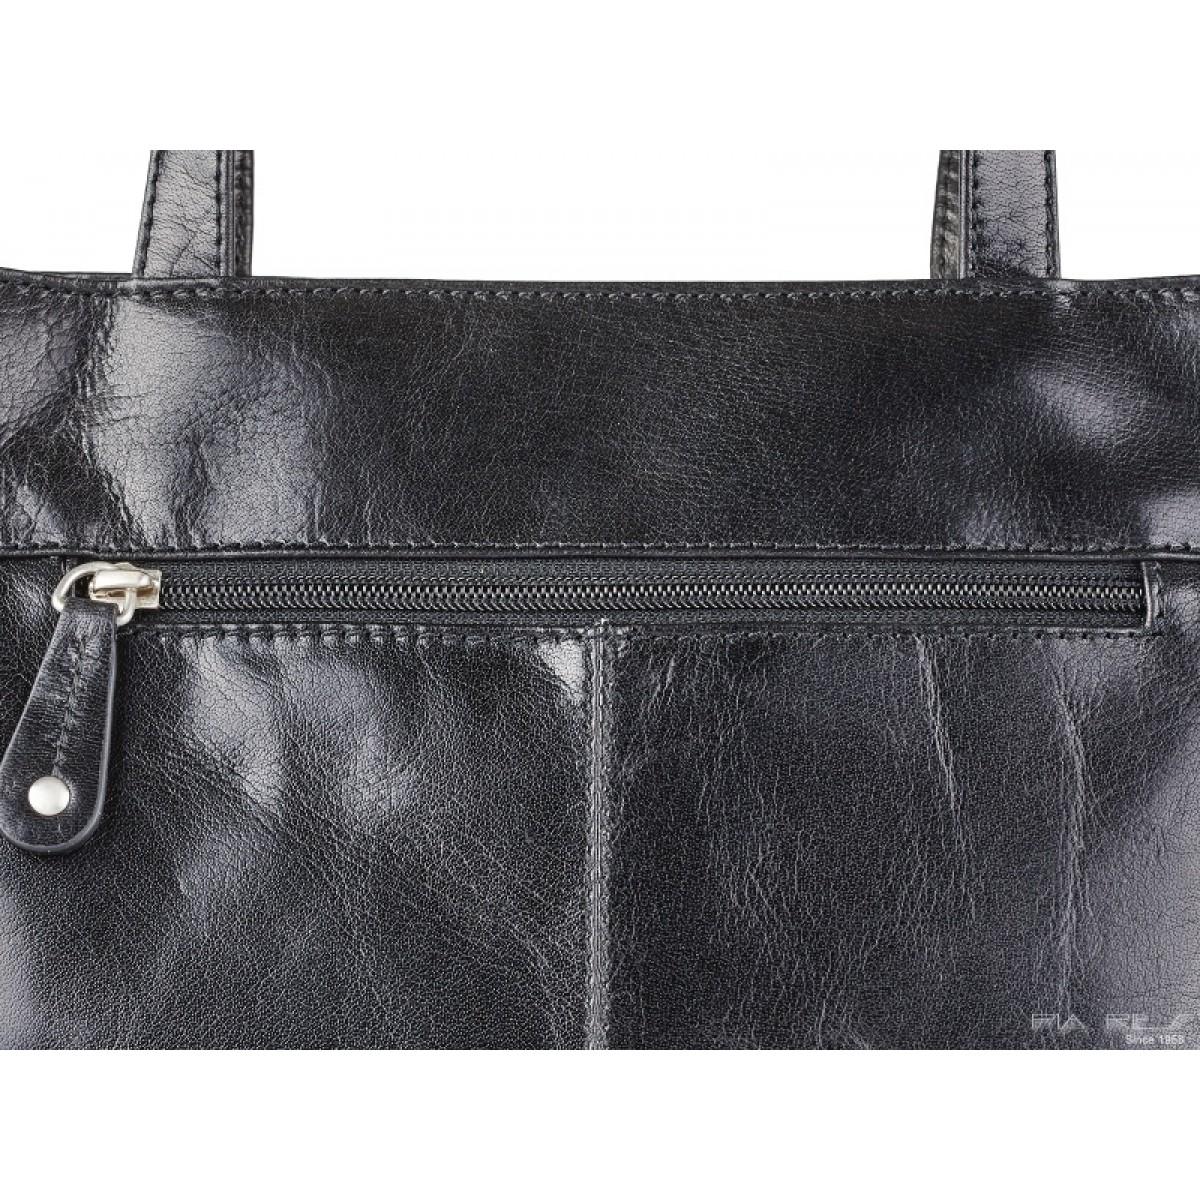 Lille håndtaske i sort-31